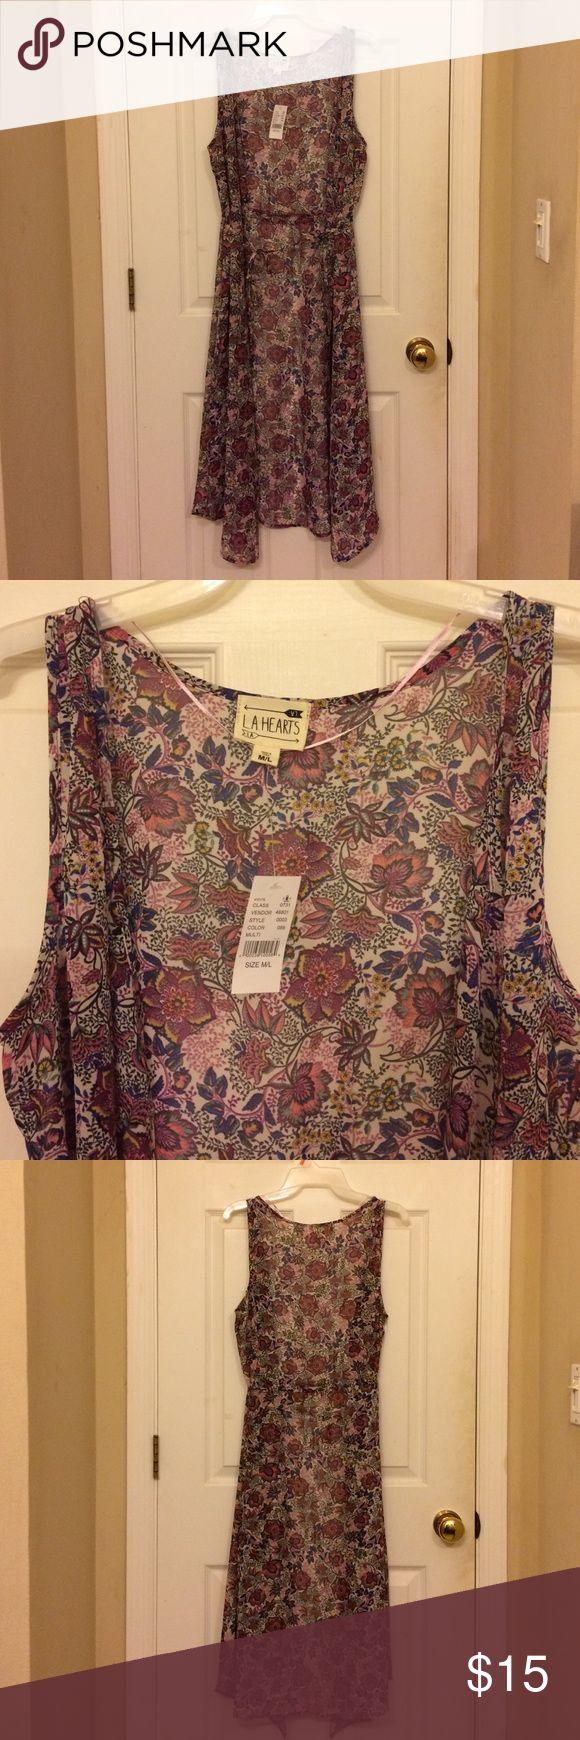 Women's Floral Vest size M/L Women's Floral Vest Duster size M/L L.A Hearts Jackets & Coats Vests